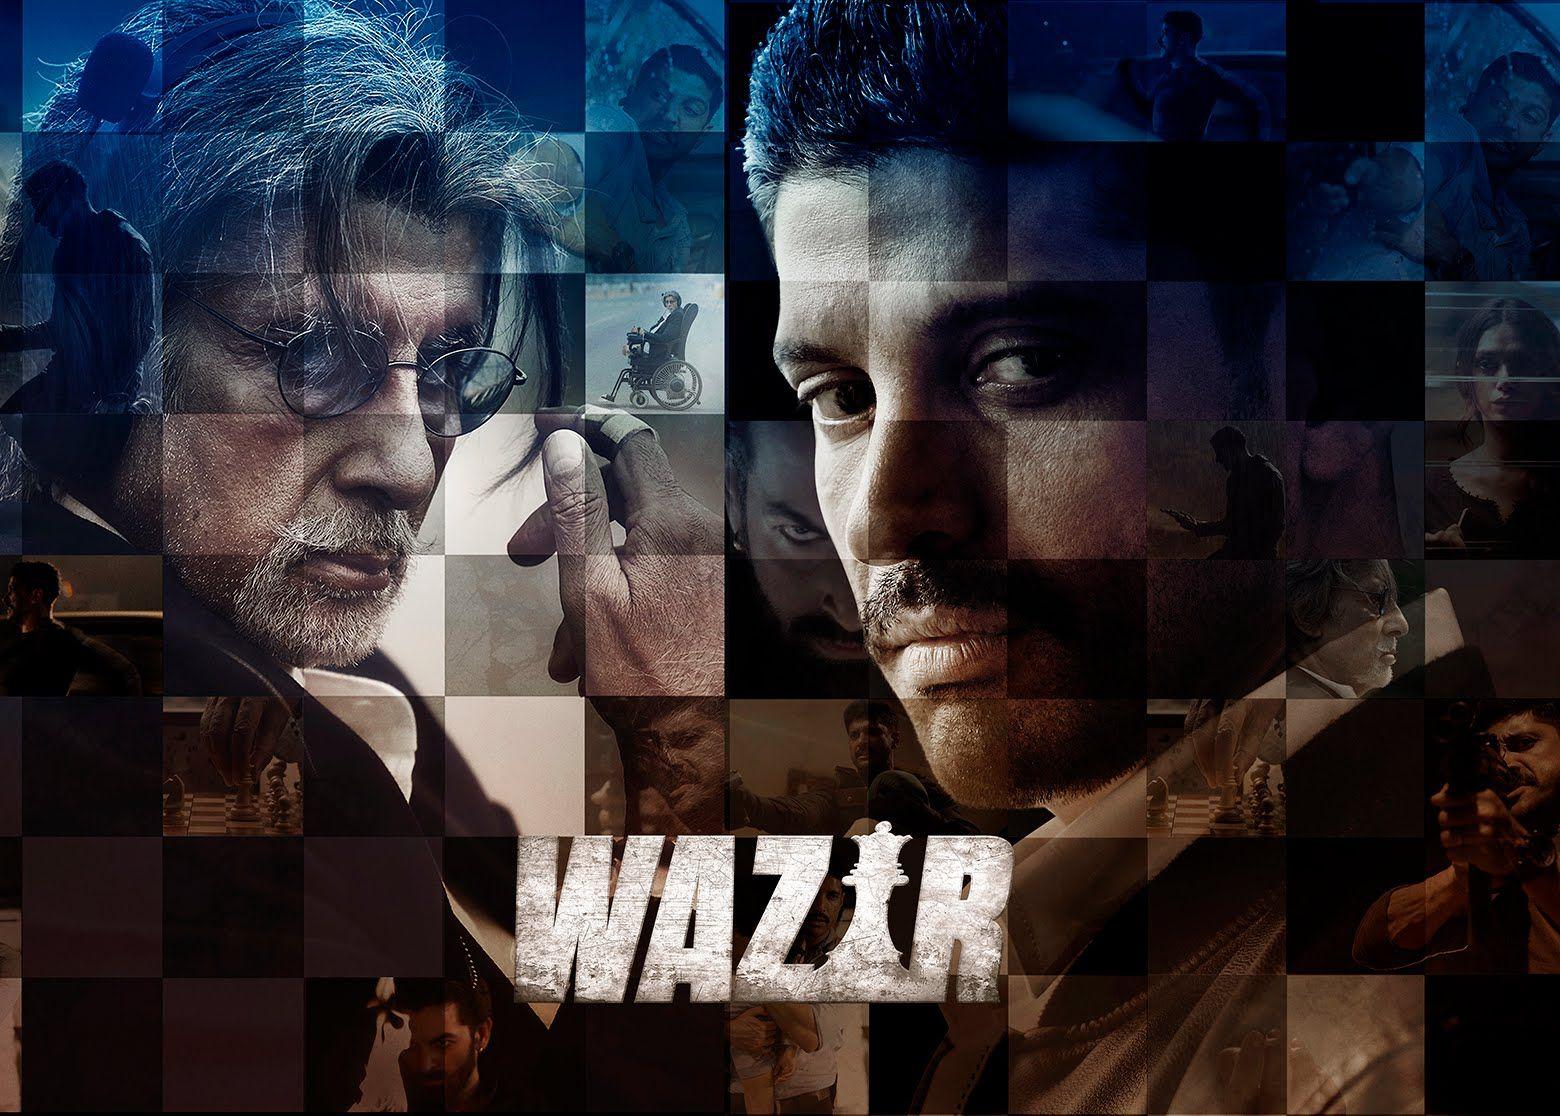 Wazir Official Teaser 2 December 2015 Full Movies Online Streaming Movies Online Movies Online